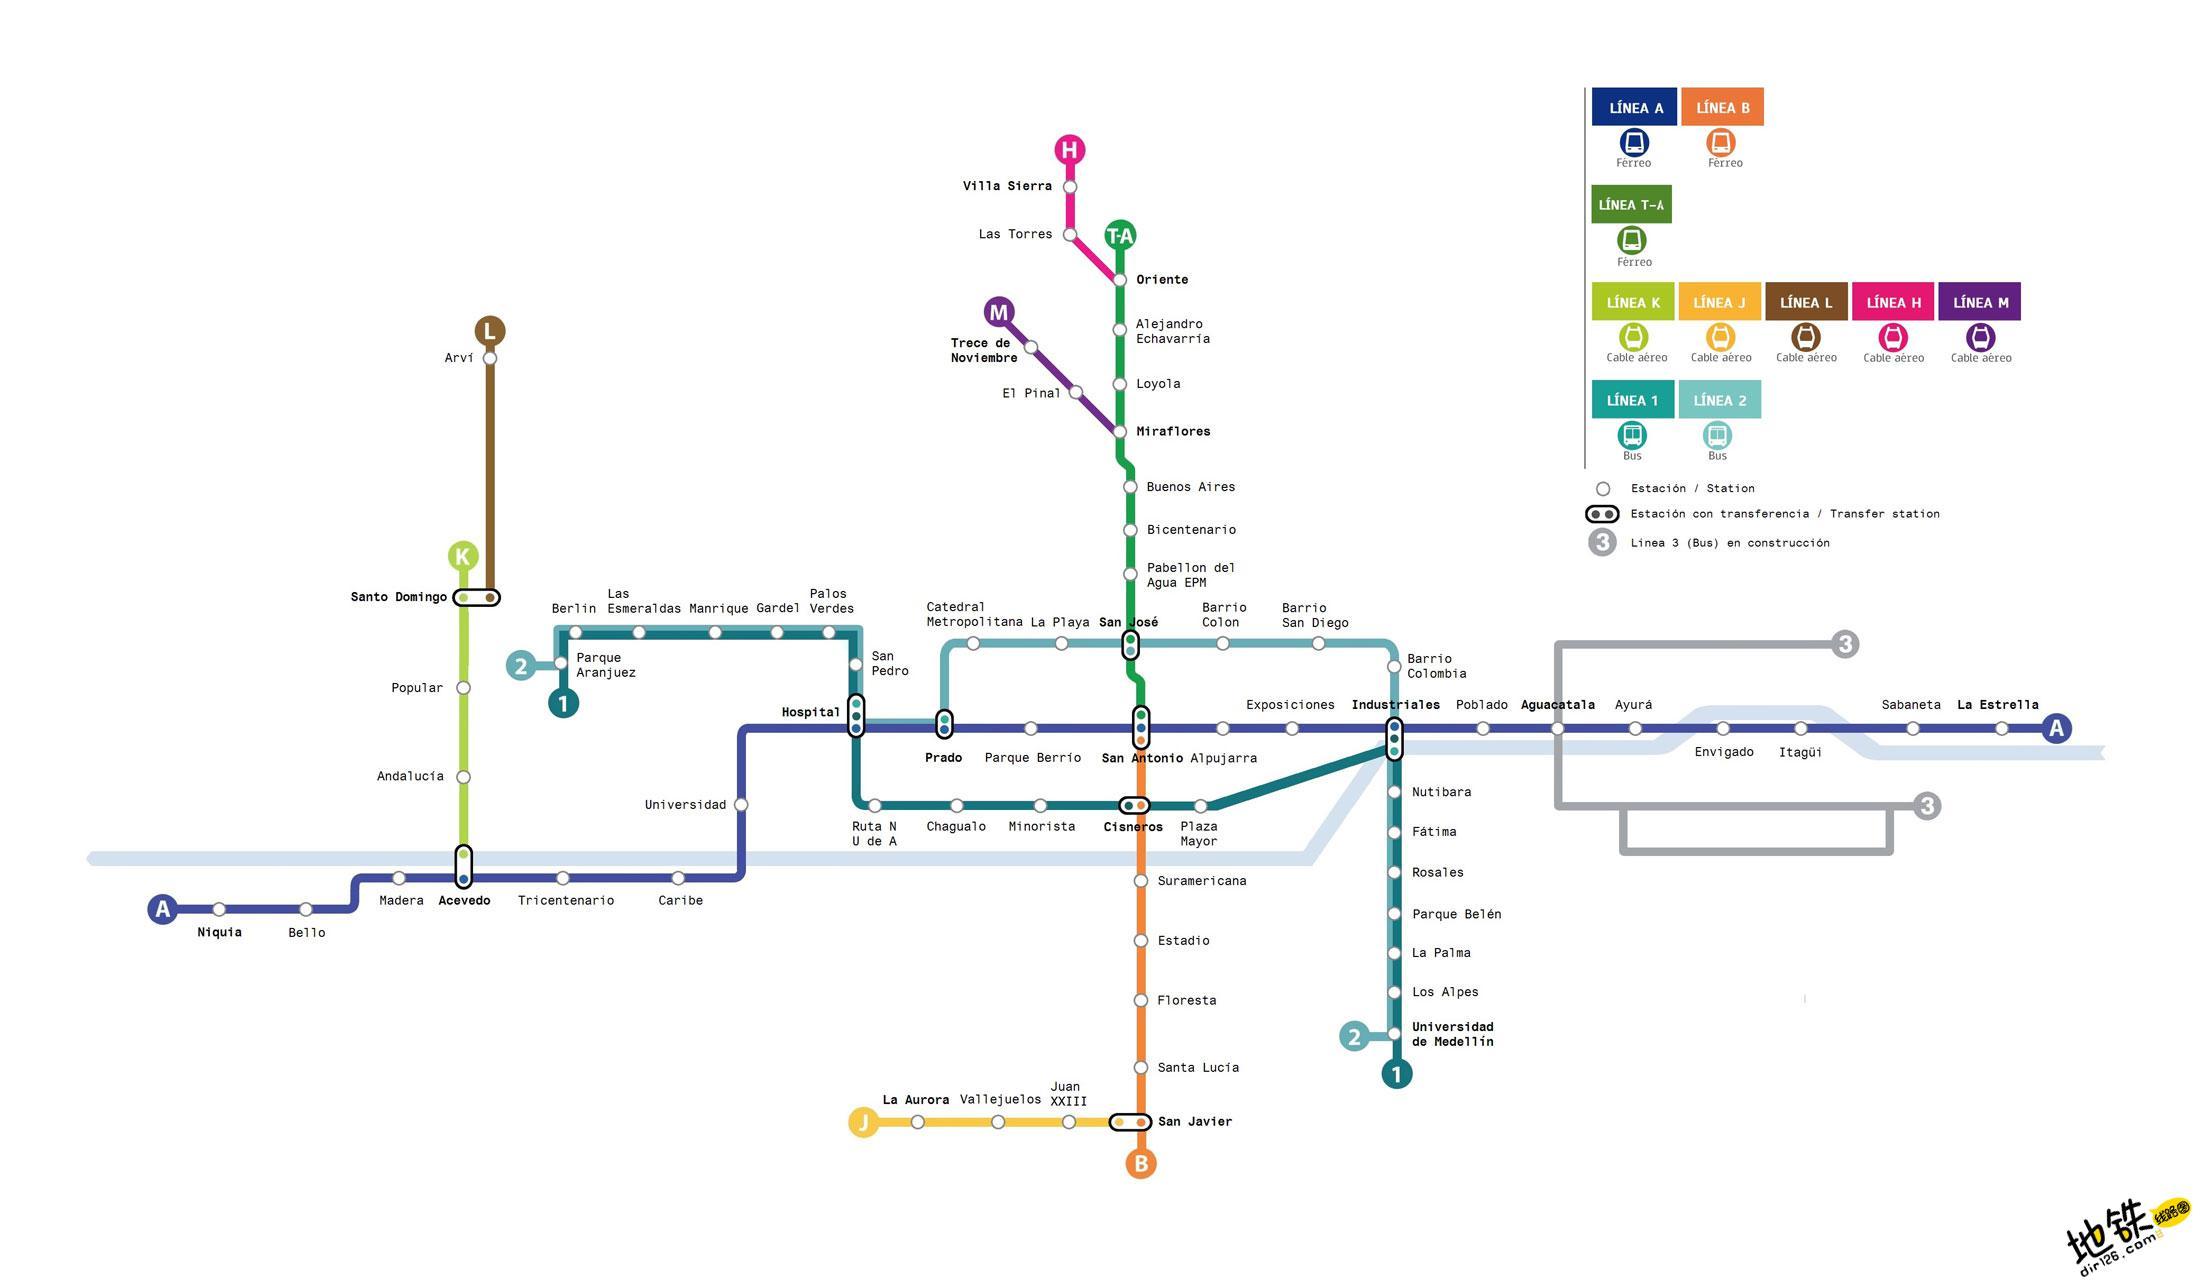 哥伦比亚麦德林地铁线路图 运营时间票价站点 查询下载 麦德林地铁票价查询 麦德林地铁运营时间 麦德林地铁线路图 麦德林地铁 哥伦比亚麦德林地铁 哥伦比亚地铁线路图  第2张